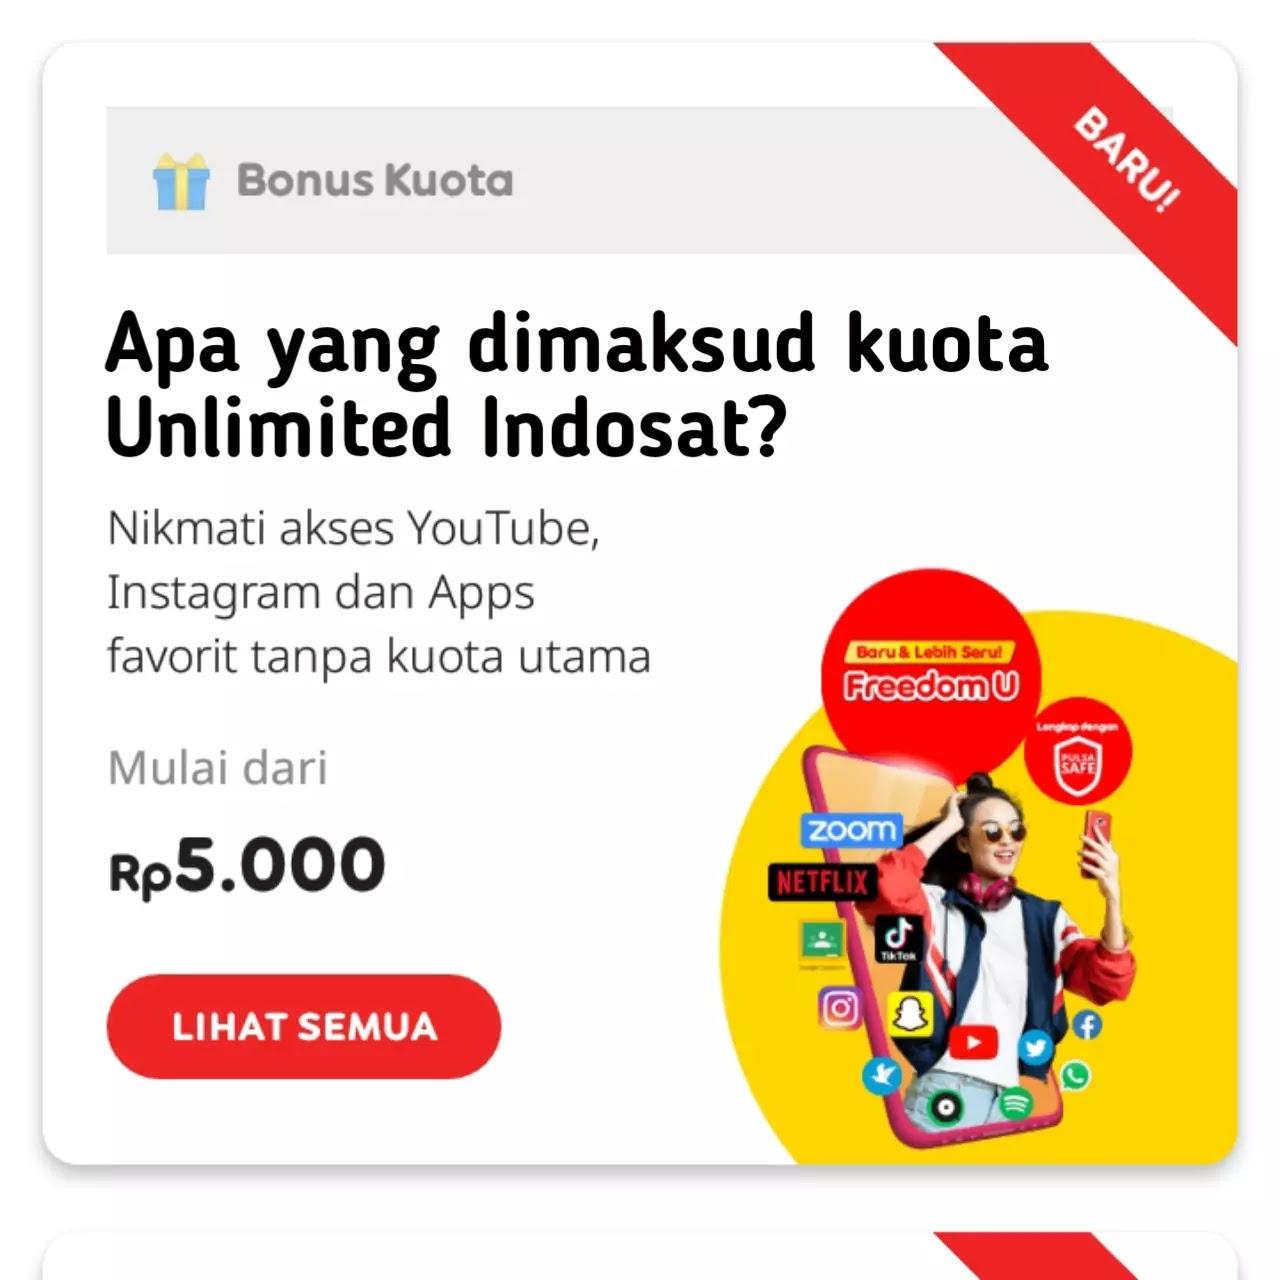 Apa yang dimaksud Kuota Unlimited Indosat